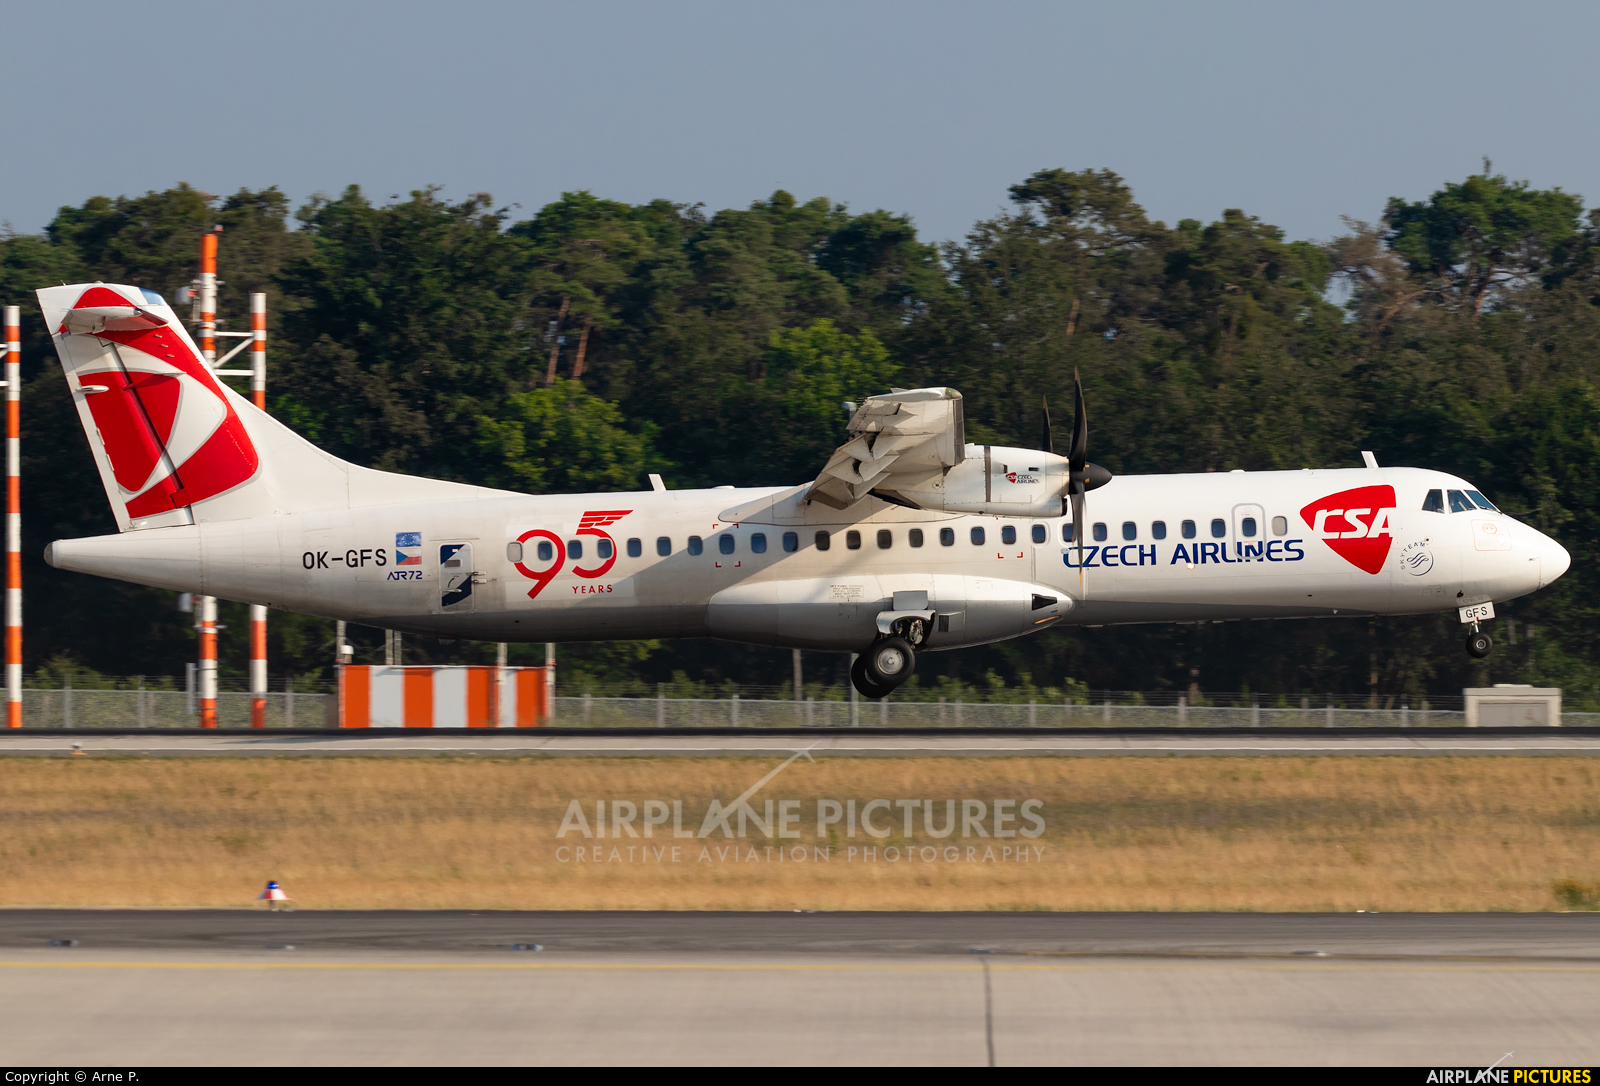 CSA - Czech Airlines OK-GFS aircraft at Frankfurt